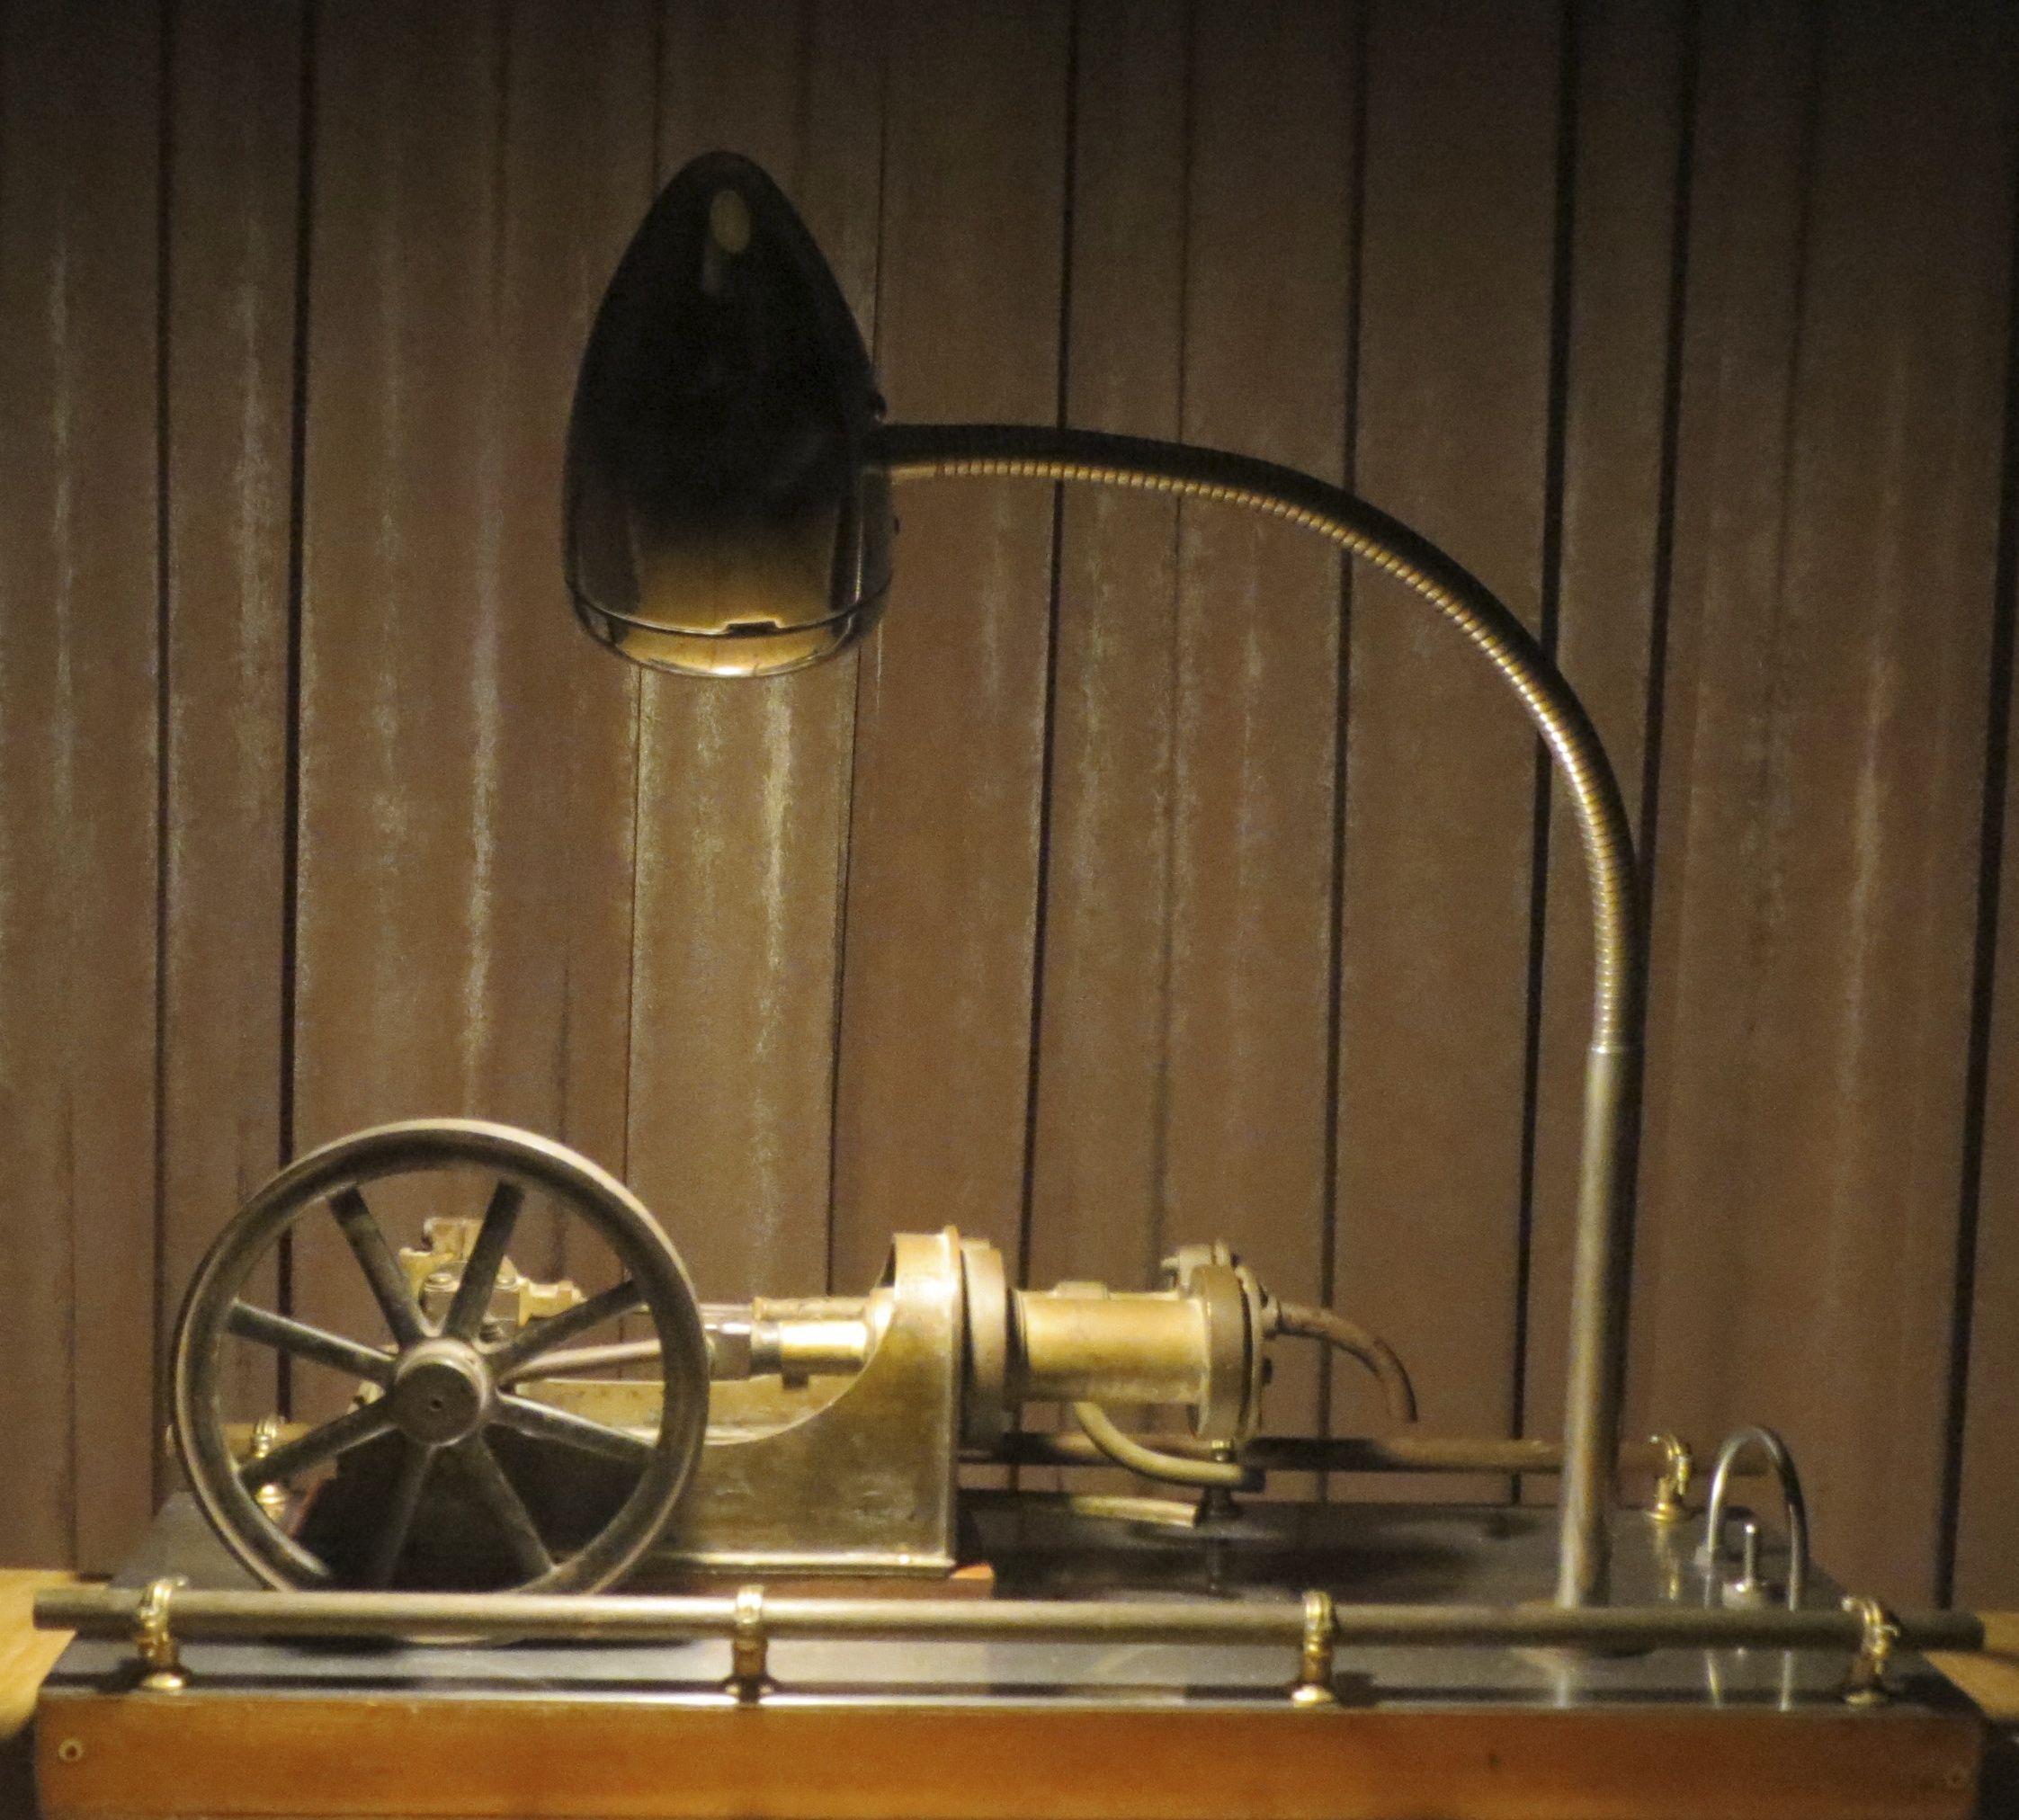 L&O 01:  single steam machine & bike lamp